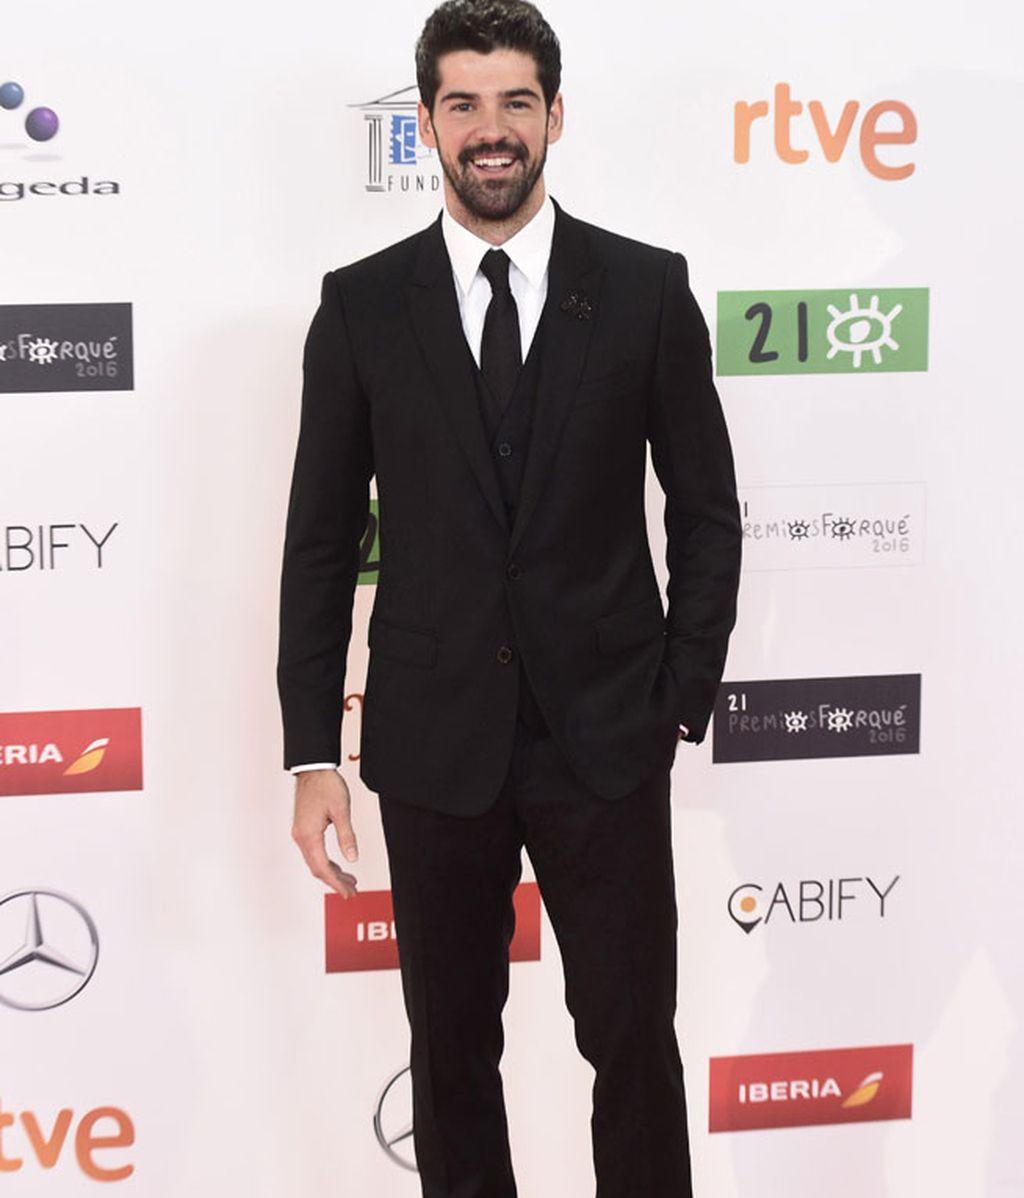 Miguel Ángel Muñoz con traje y chaleco negro